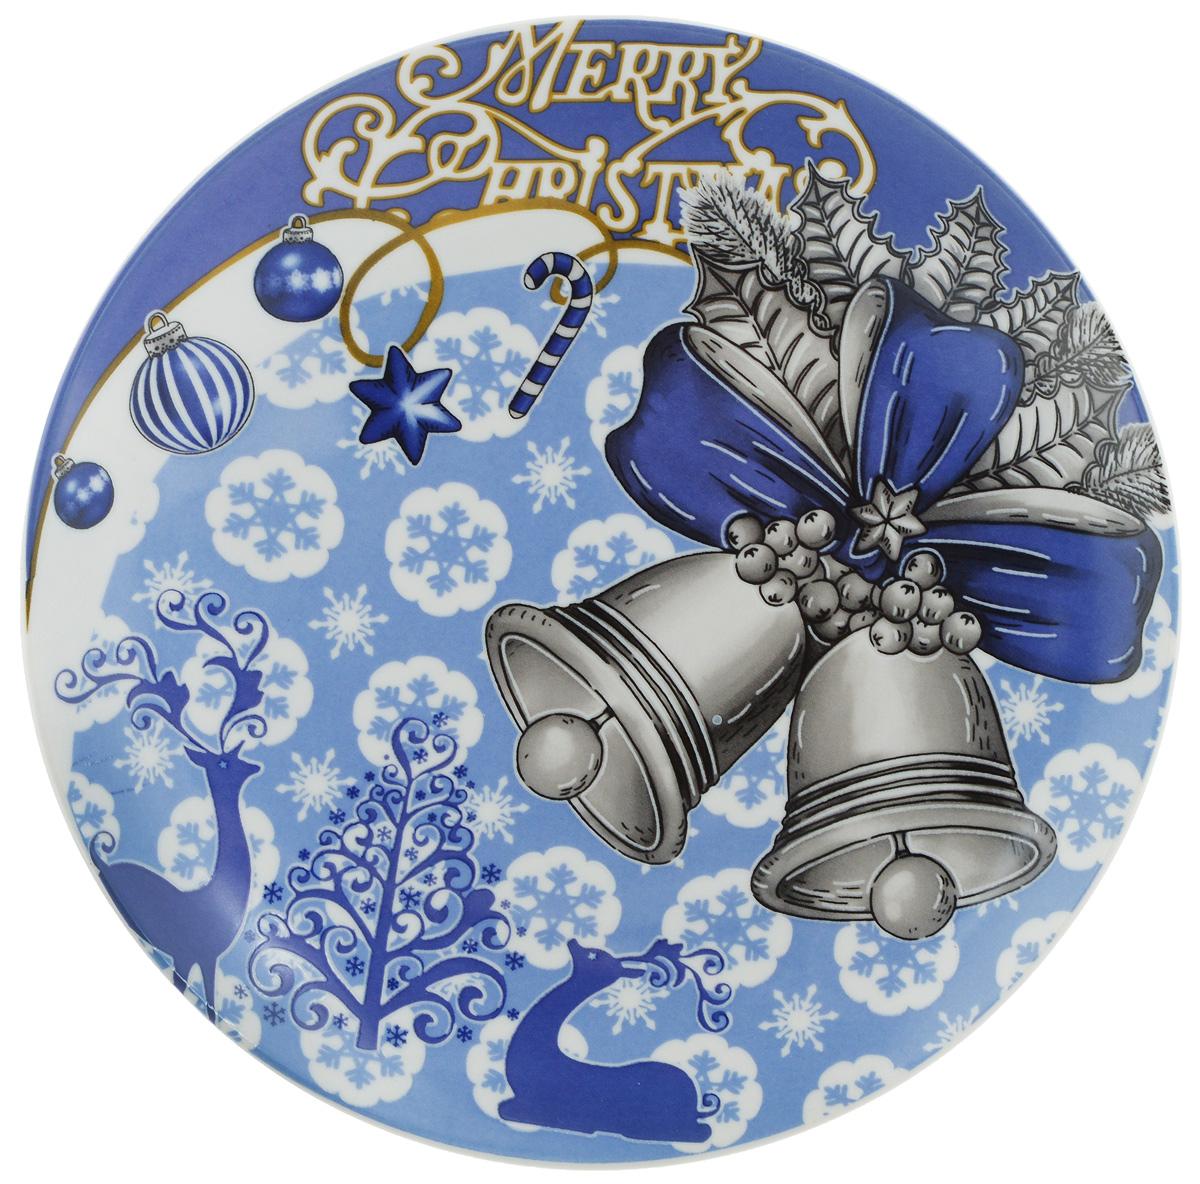 Тарелка Lillo Колокольчики, диаметр 20 см216055..Тарелка Lillo Колокольчики изготовлена из качественной керамики. Изделие декорировано красивым рисунком в виде двух колокольчиков и снежинок. Такая тарелка отлично подойдет в качестве блюда для сервировки закусок и нарезок, ее также можно использовать как обеденную. Тарелка Lillo Колокольчики будет потрясающе смотреться на новогоднем столе. Яркий запоминающийся дизайн и качество исполнения сделают ее отличным новогодним подарком. Не рекомендуется использовать в микроволновой печи и мыть в посудомоечной машине.